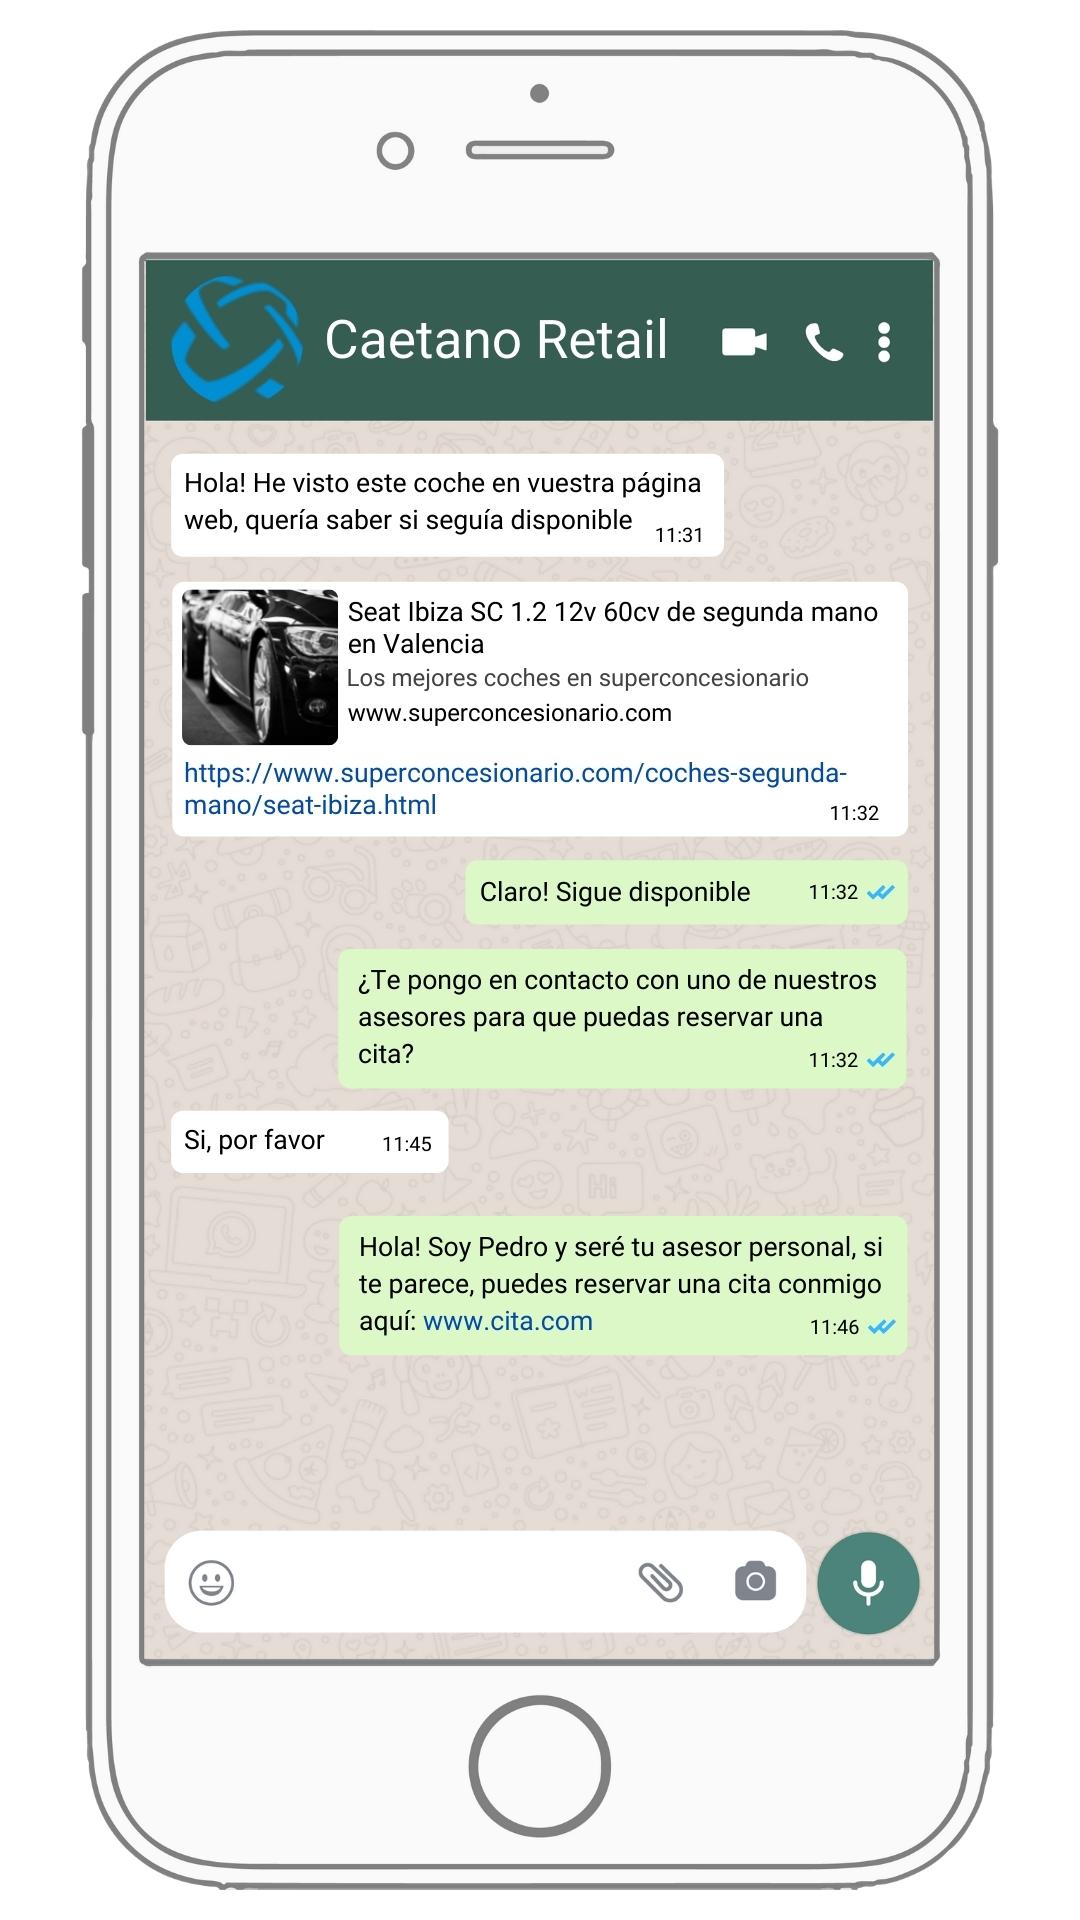 Caetano retail WhatsApp